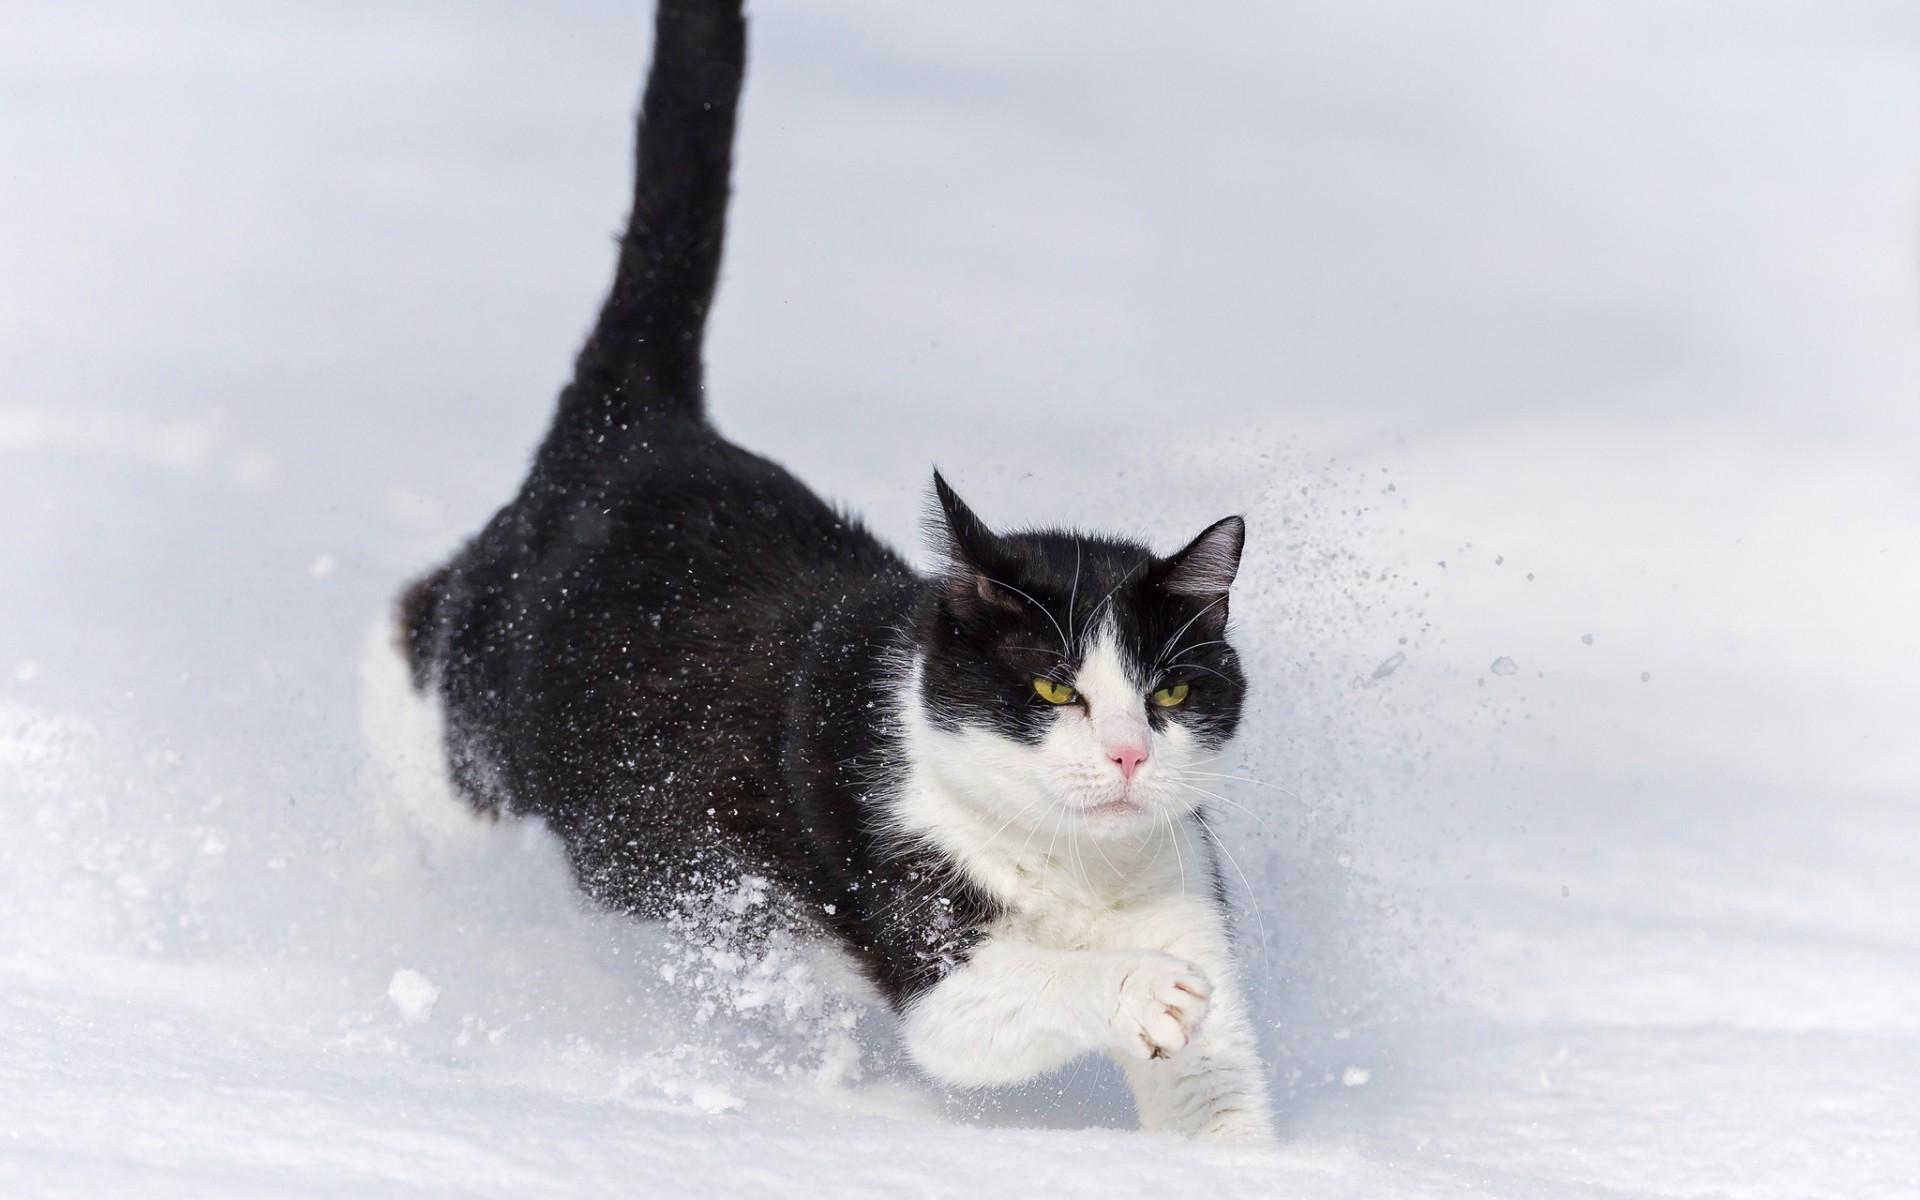 Gato saltando en la nieve - 1920x1200